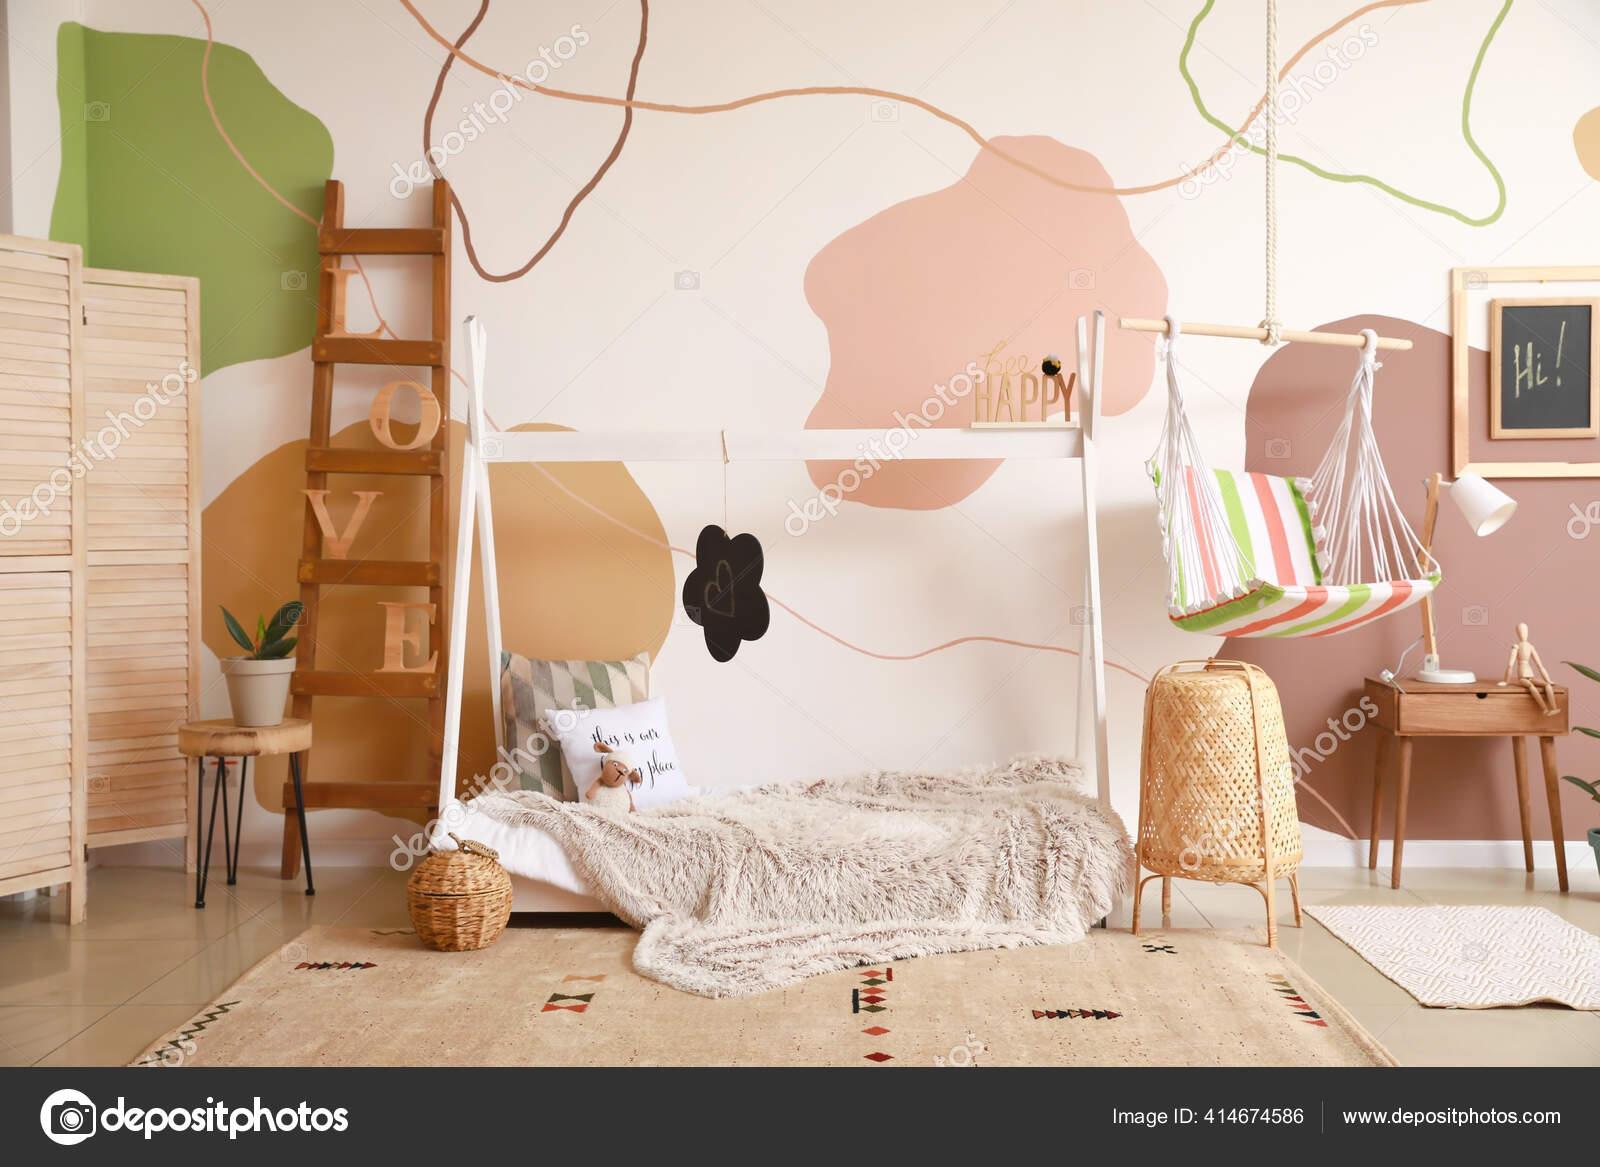 Interieur Chambre Enfants Moderne Avec Lit Confortable Photographie Serezniy C 414674586